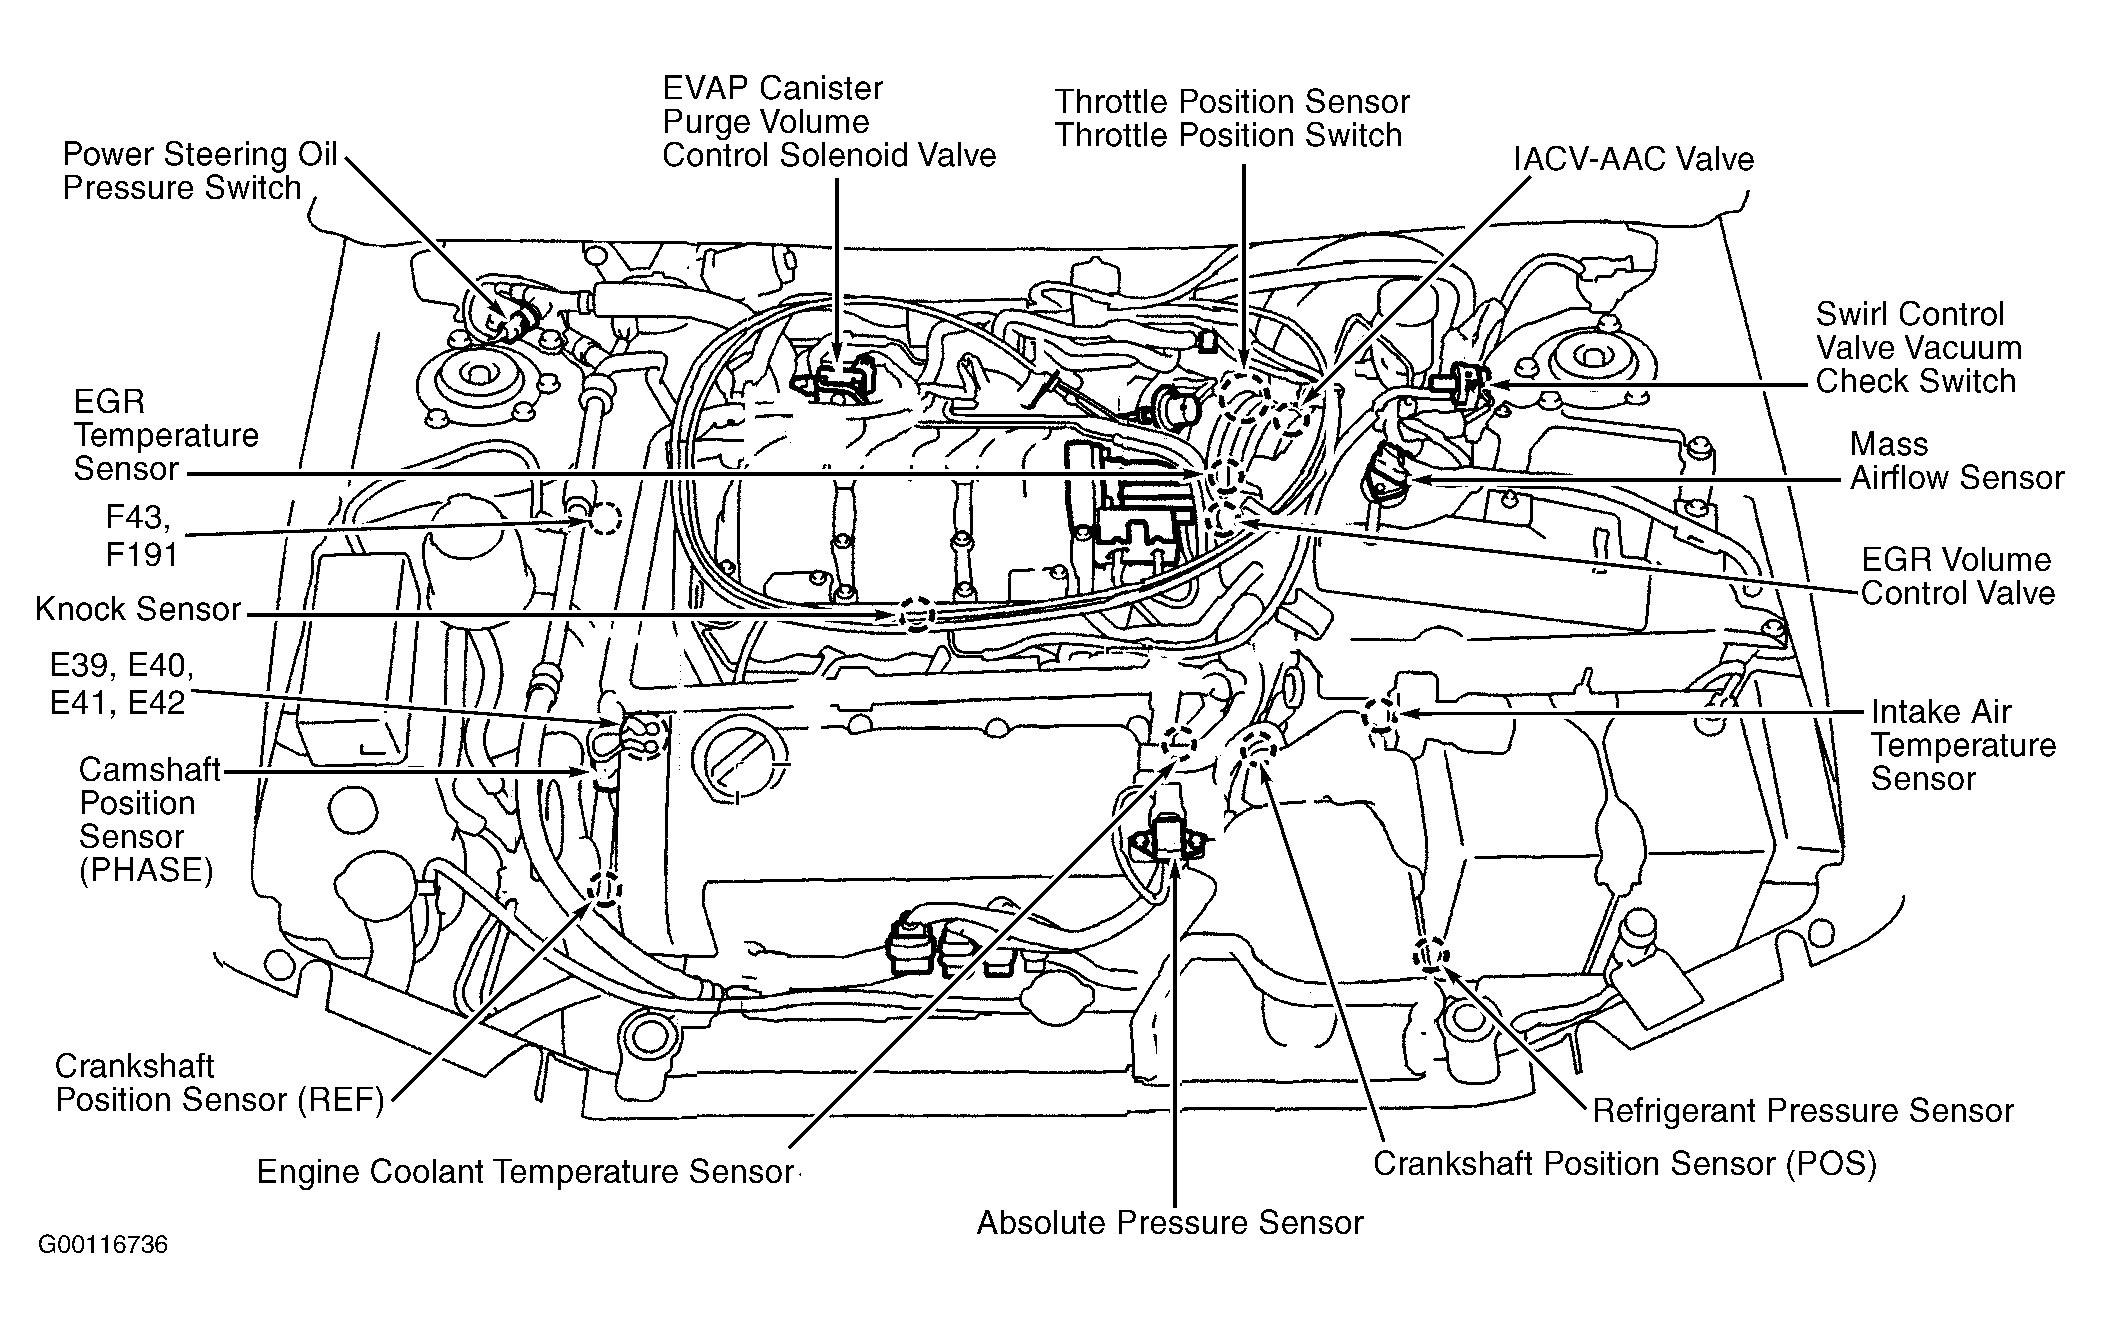 5 7 Hemi Engine Diagram Roger Vivi Ersaks 2005 Chrysler 300c Hemi Engine Diagram Of 5 7 Hemi Engine Diagram